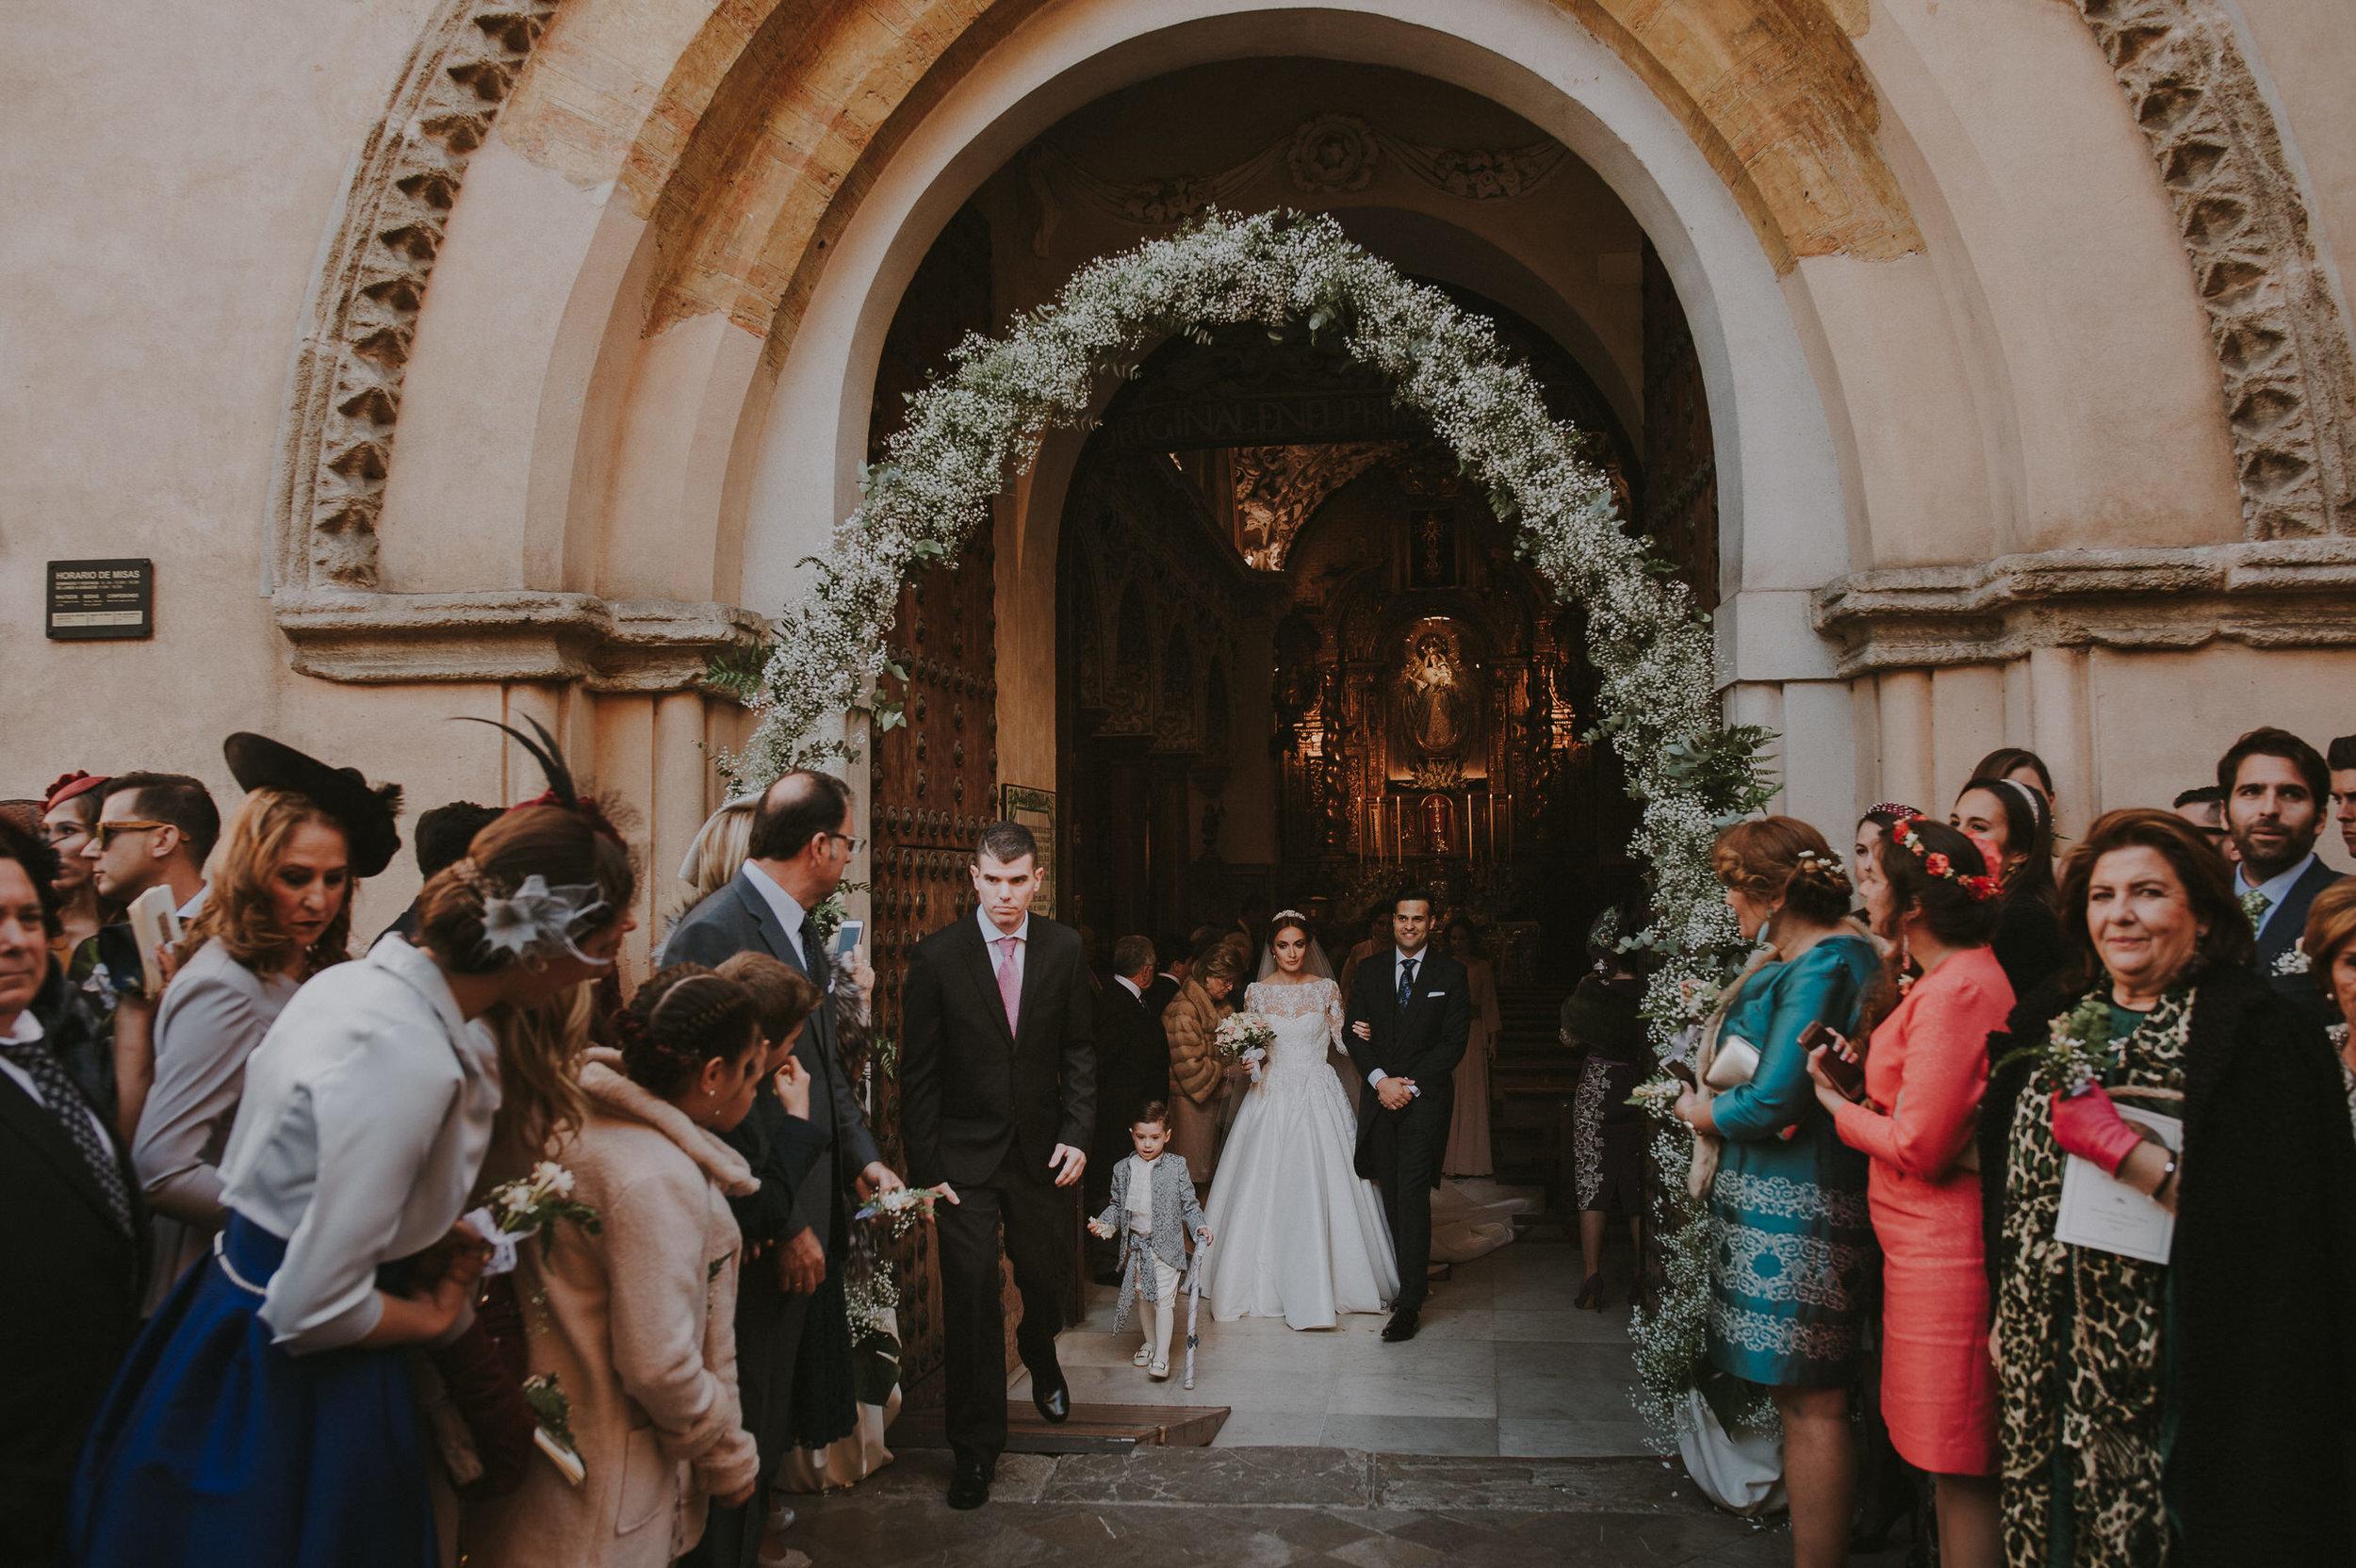 Andrés+Amarillo+fotografo+boda+Utrera+Dos+Hermanas+Santa+Maria+la+blanca+albaraca+Ivan+Campaña+los+tumbao (4).JPG